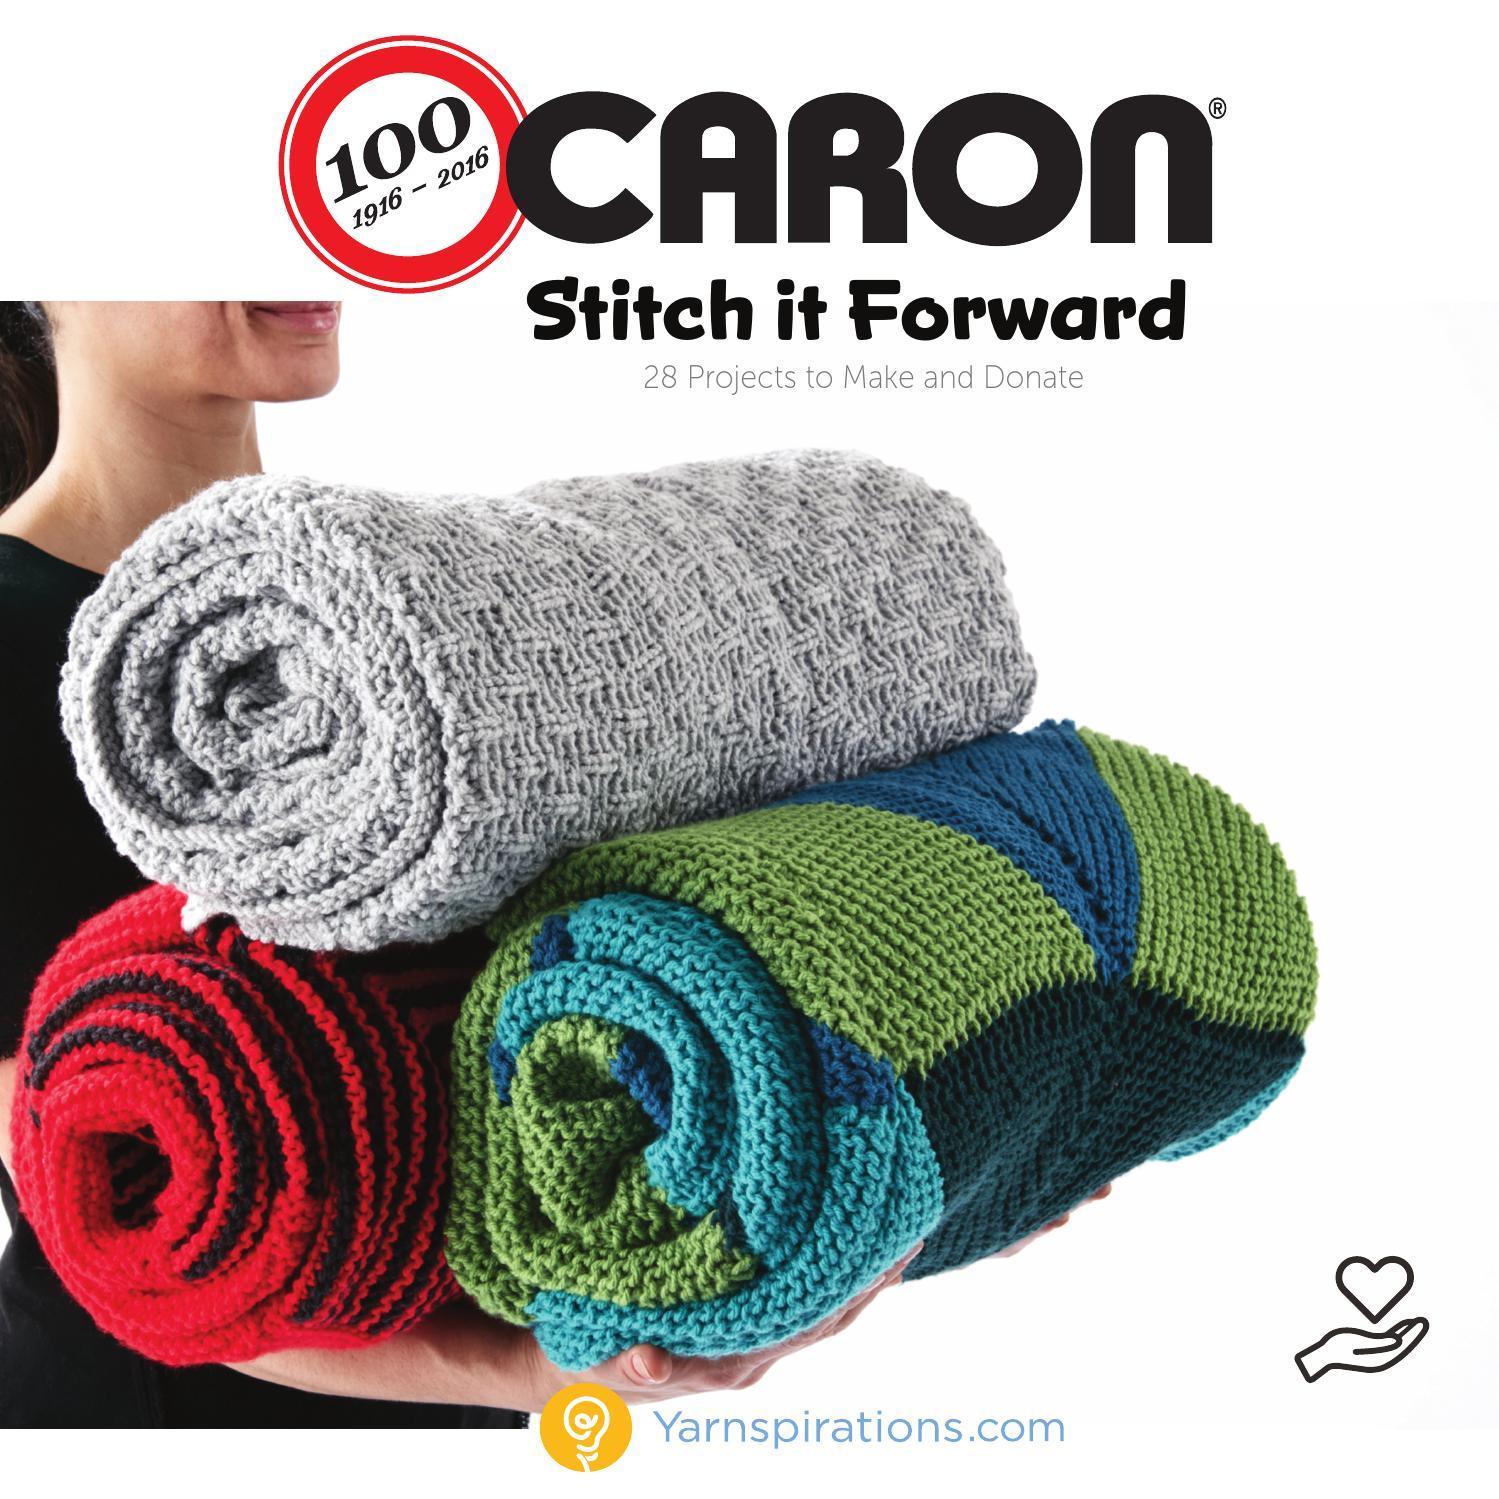 8cd4115c3 Stitch it Forward by Yarnspirations - issuu